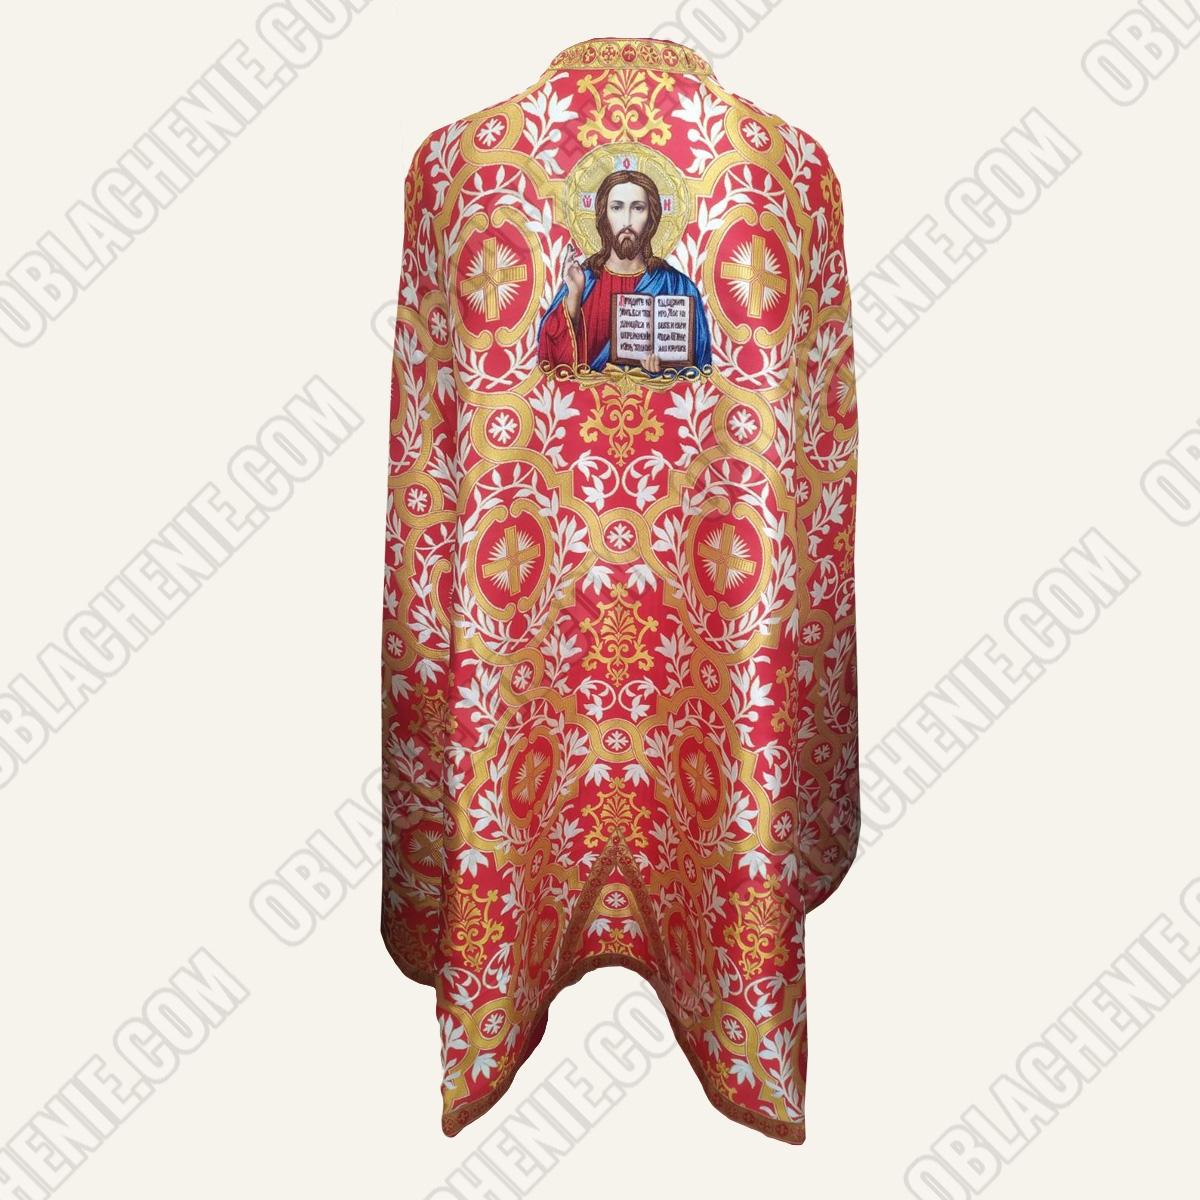 PRIEST'S VESTMENTS 11031